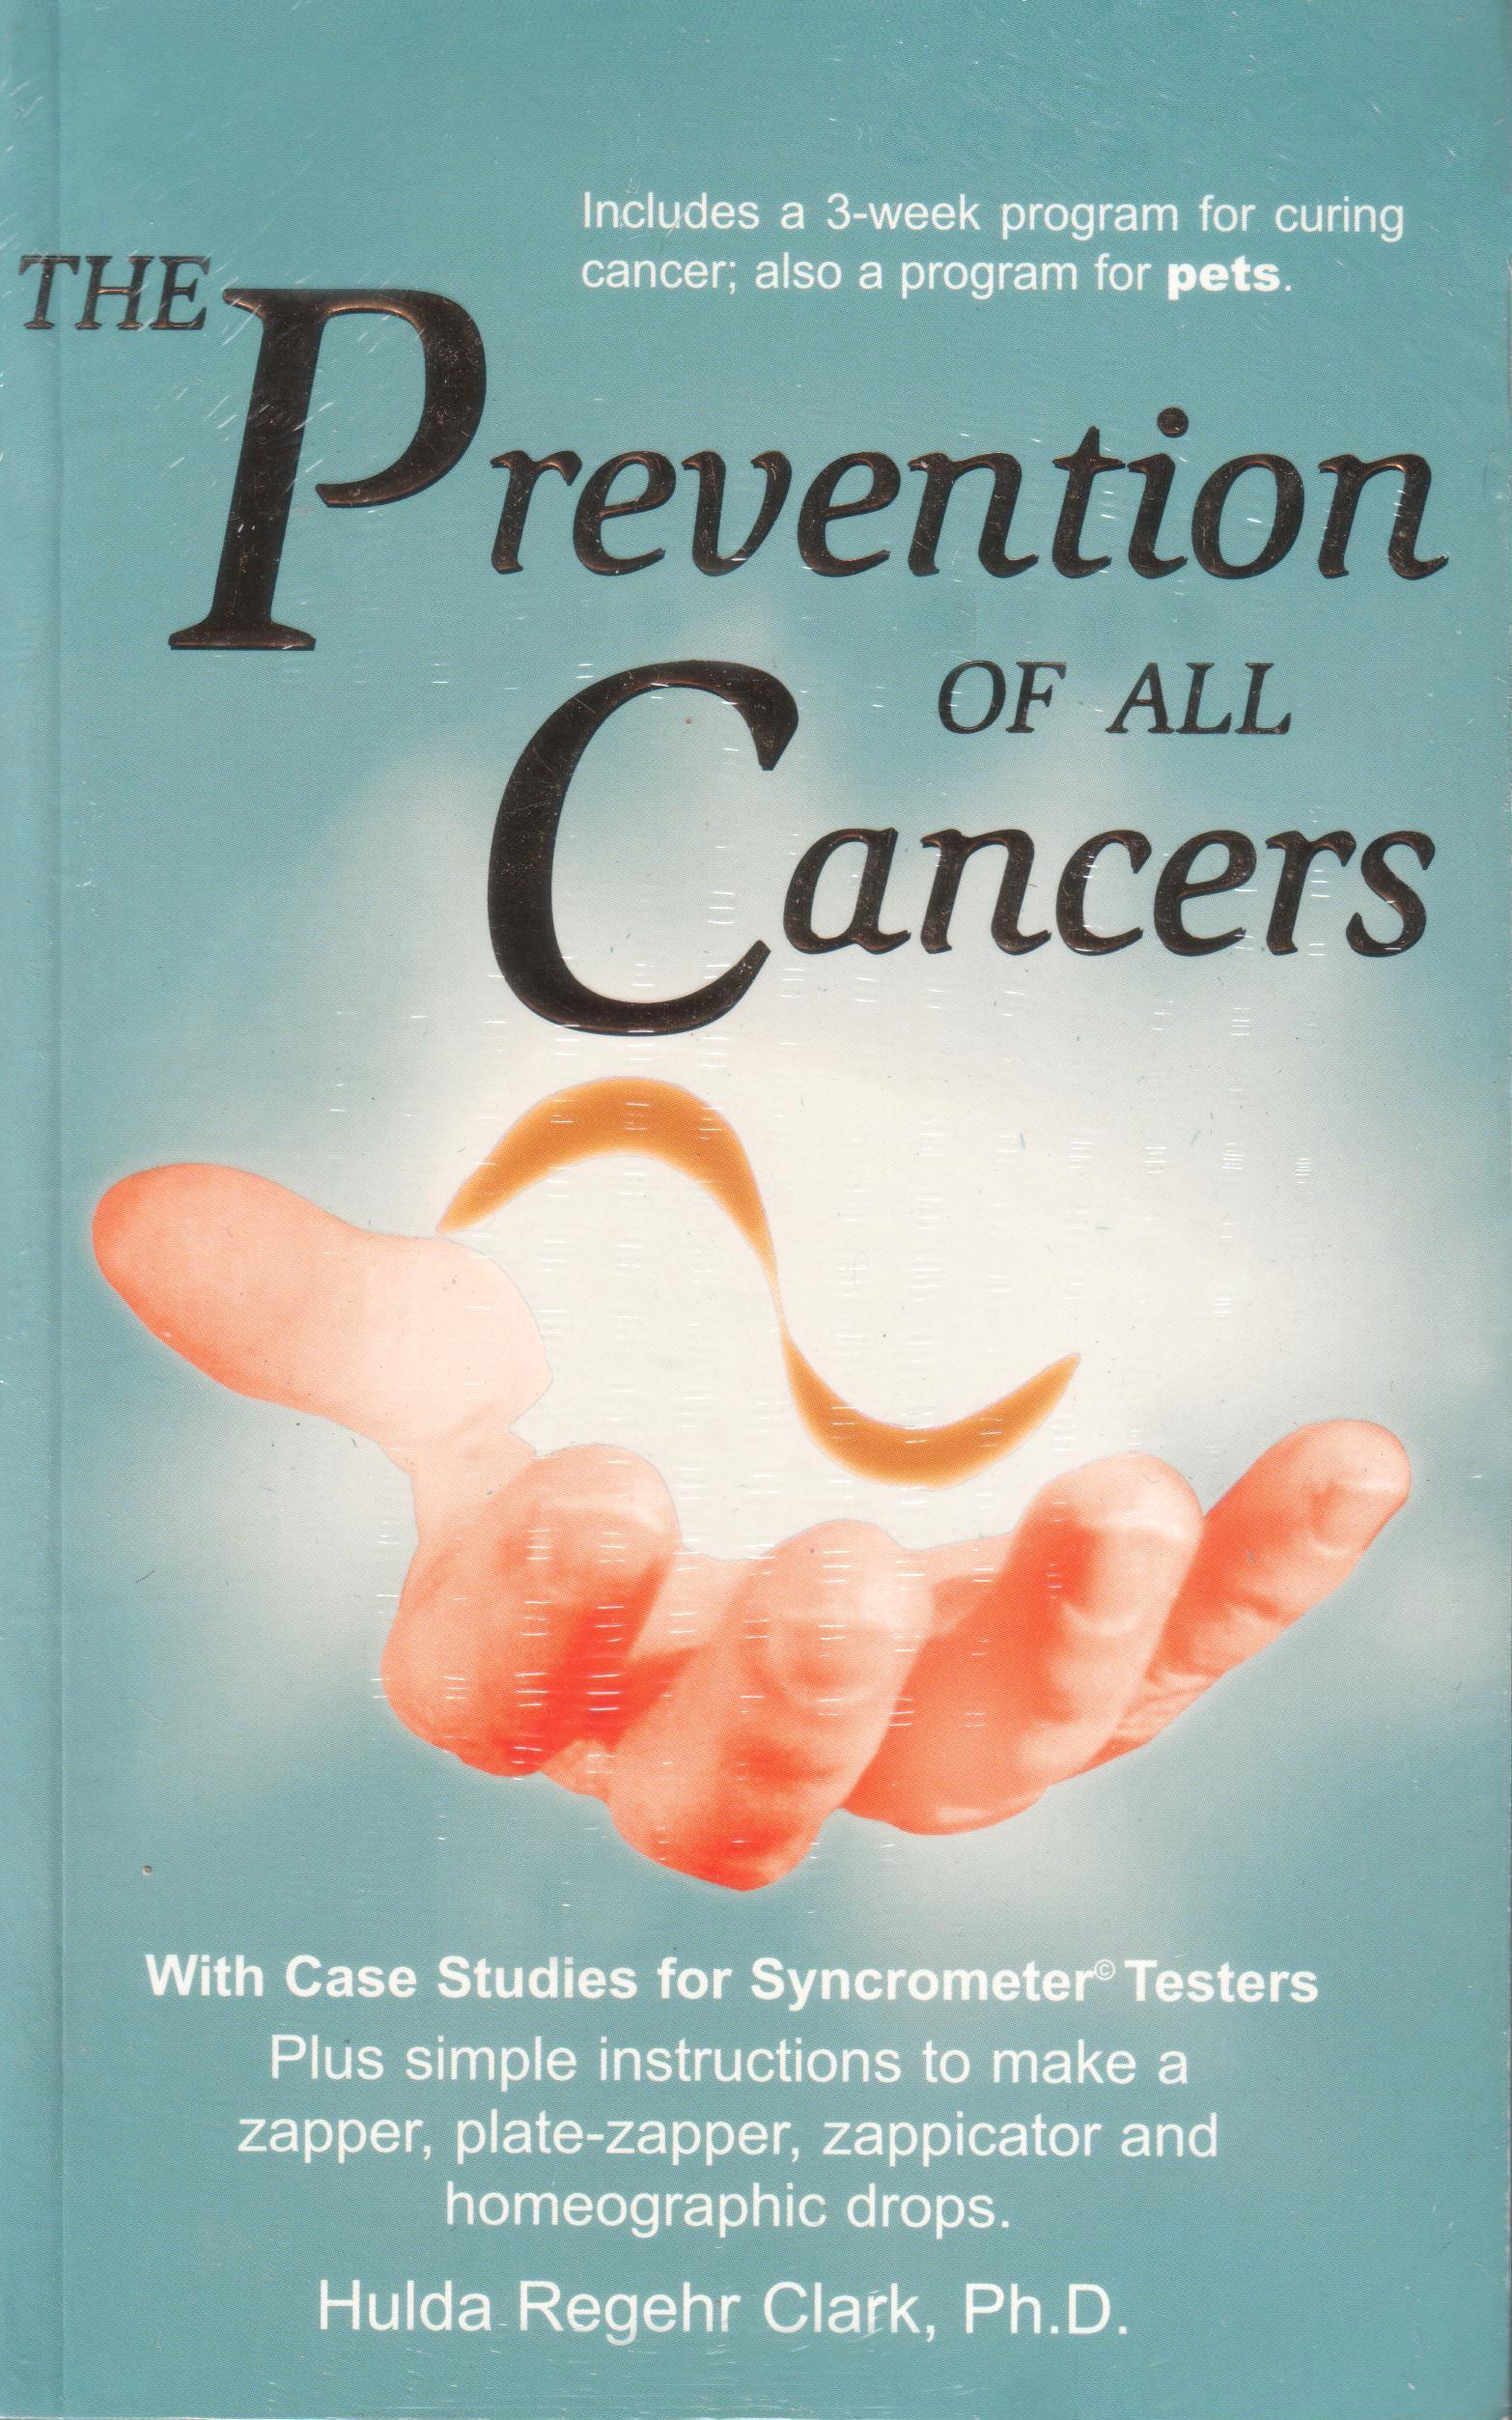 Prevention of all cancers von Hulda Clark auf englisch